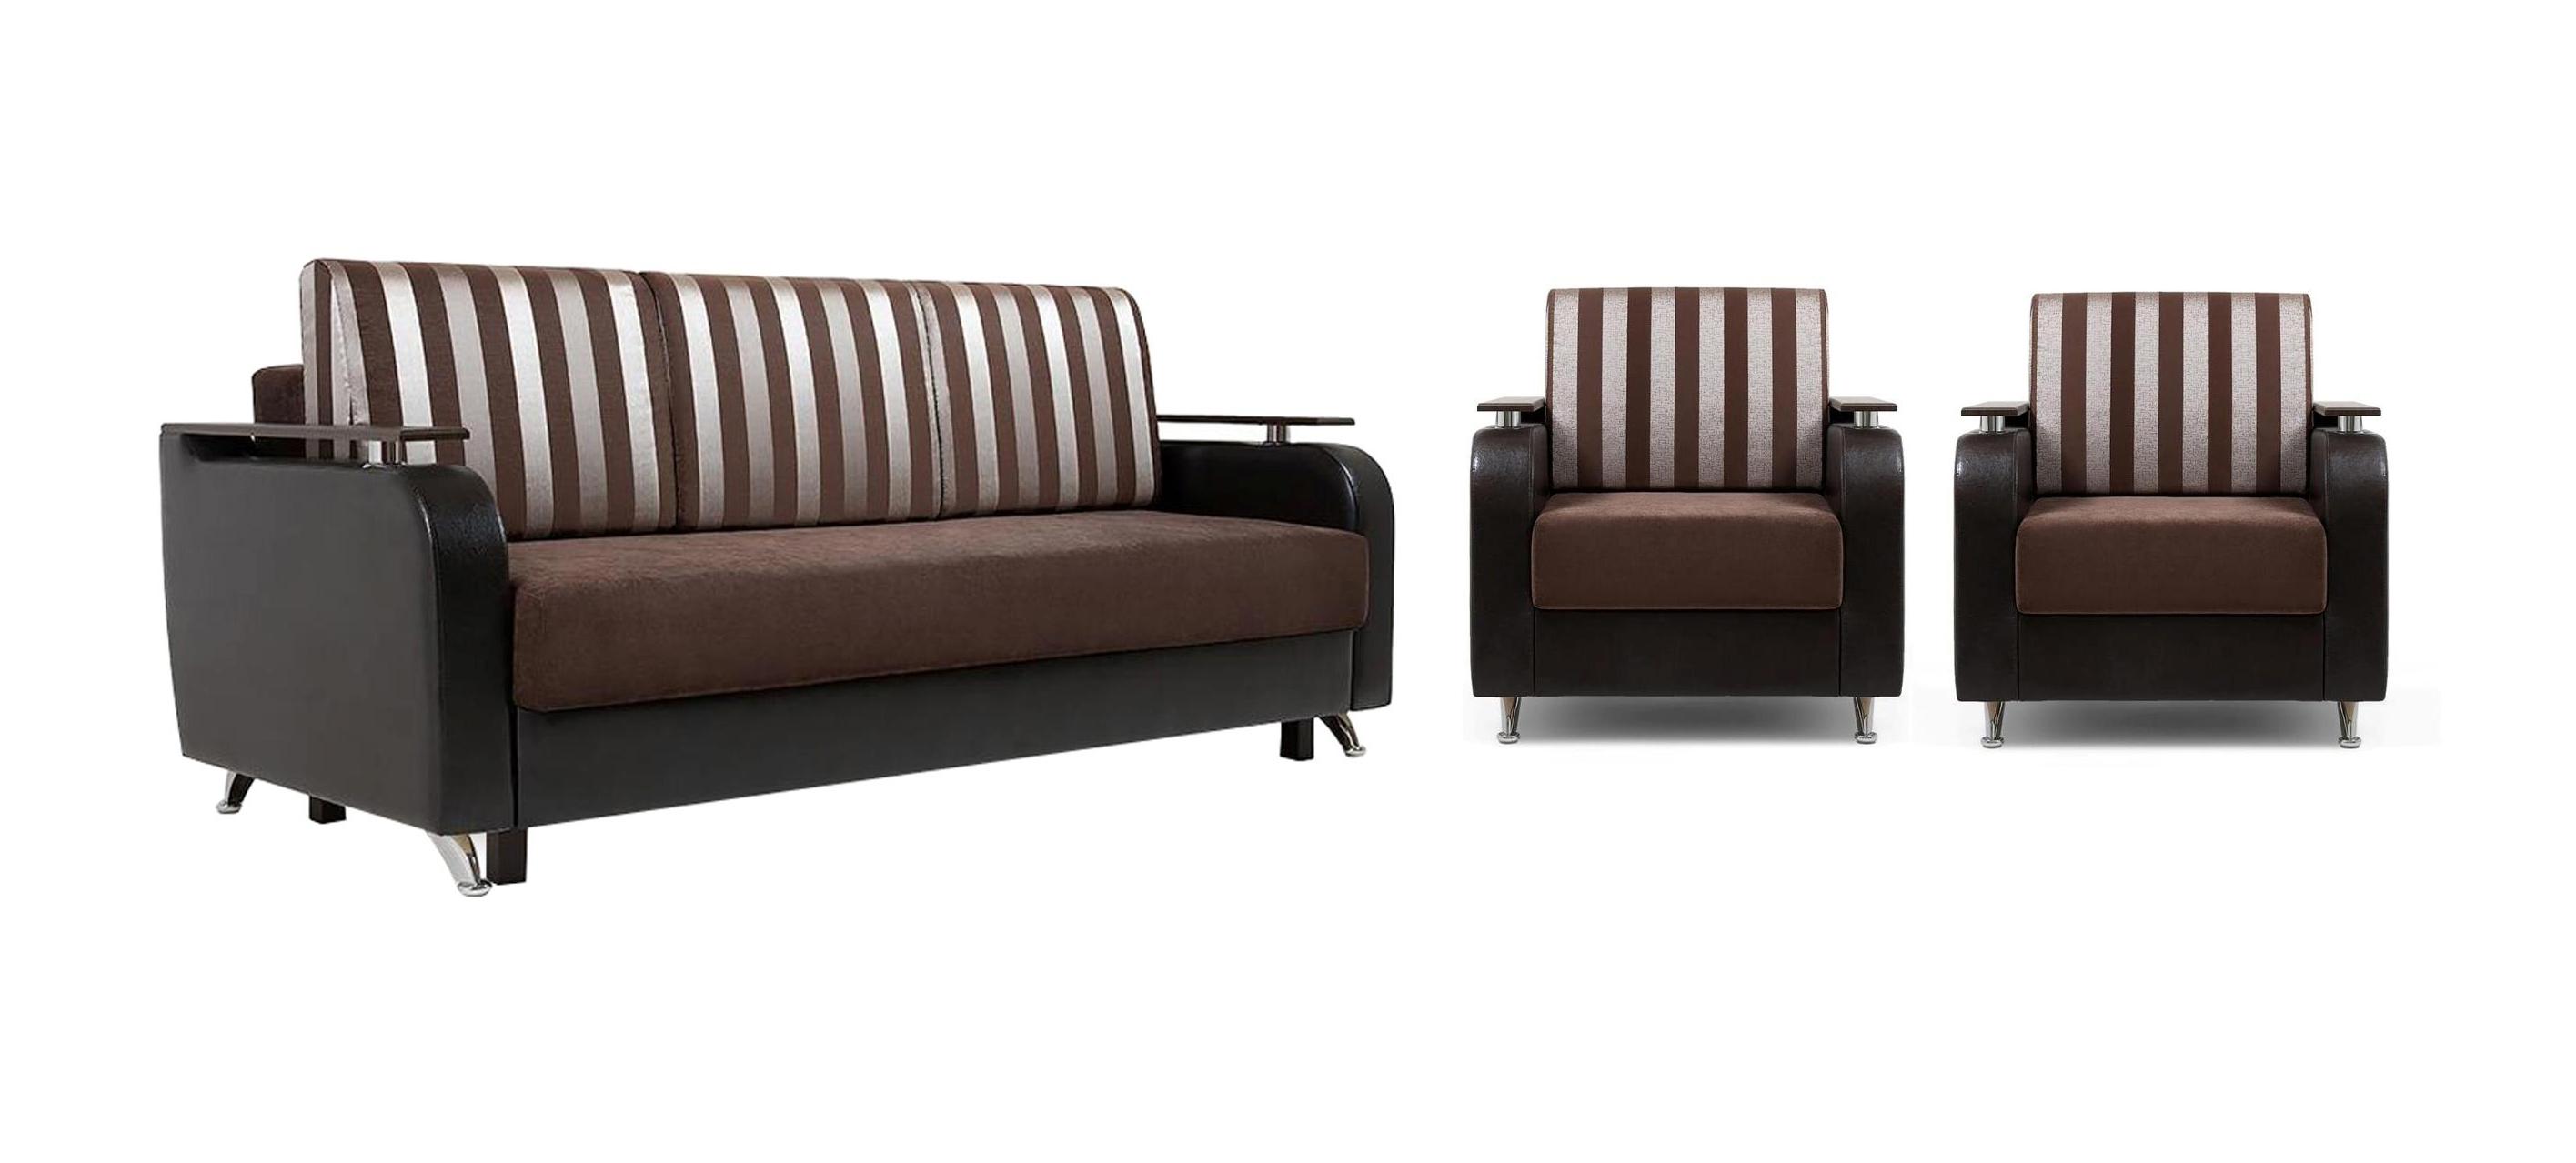 Комплект мягкой мебели Марракеш